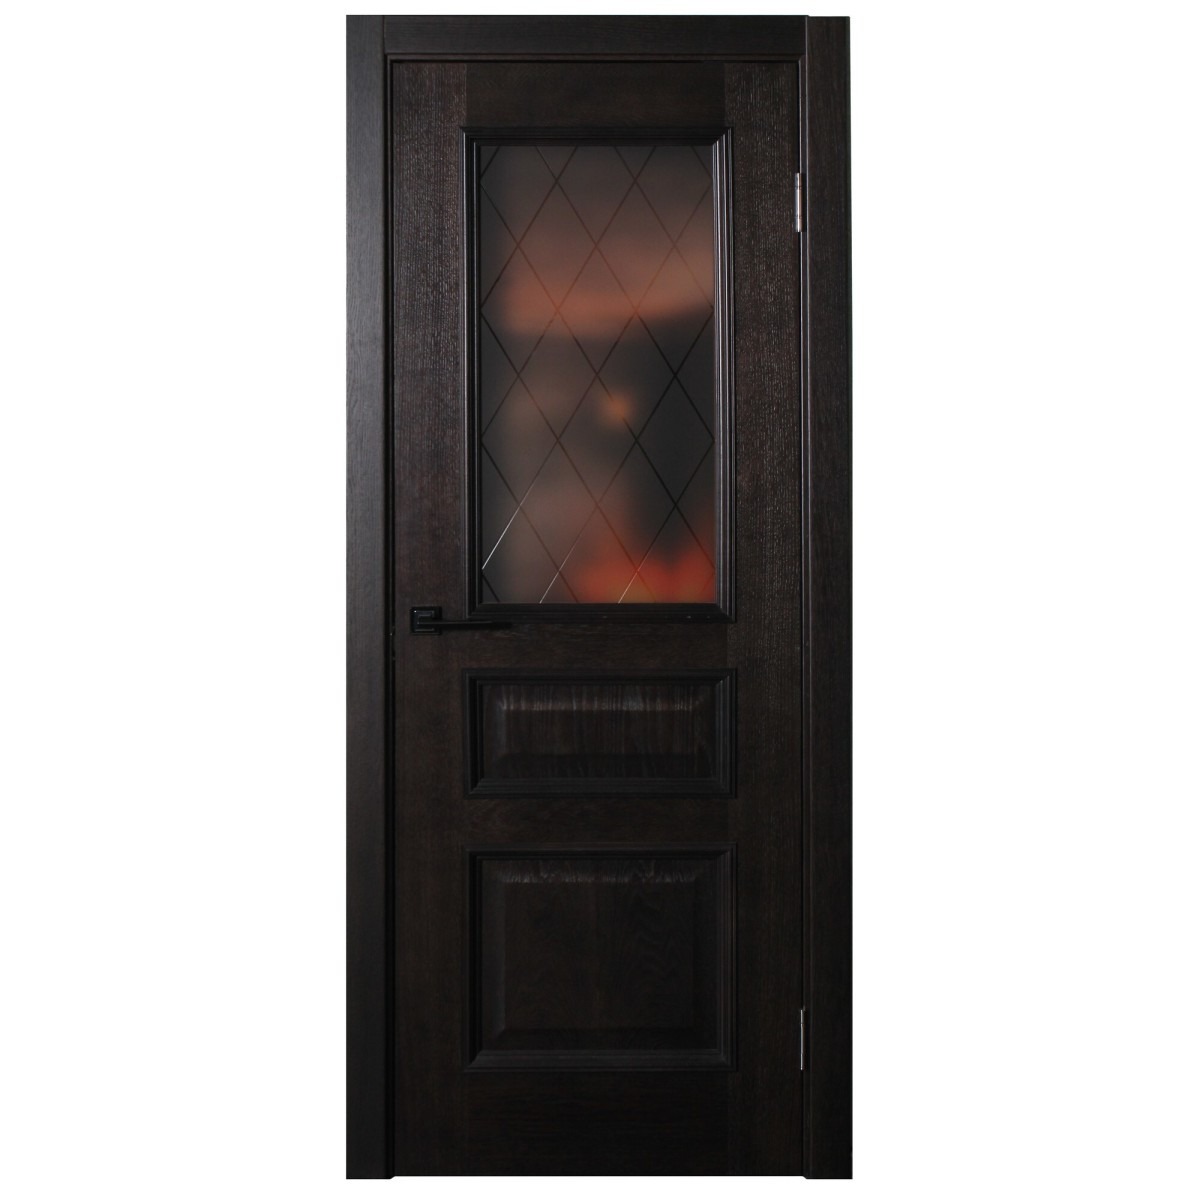 Дверь Межкомнатная Остеклённая Шпон Вельми 70x200 Цвет Венге